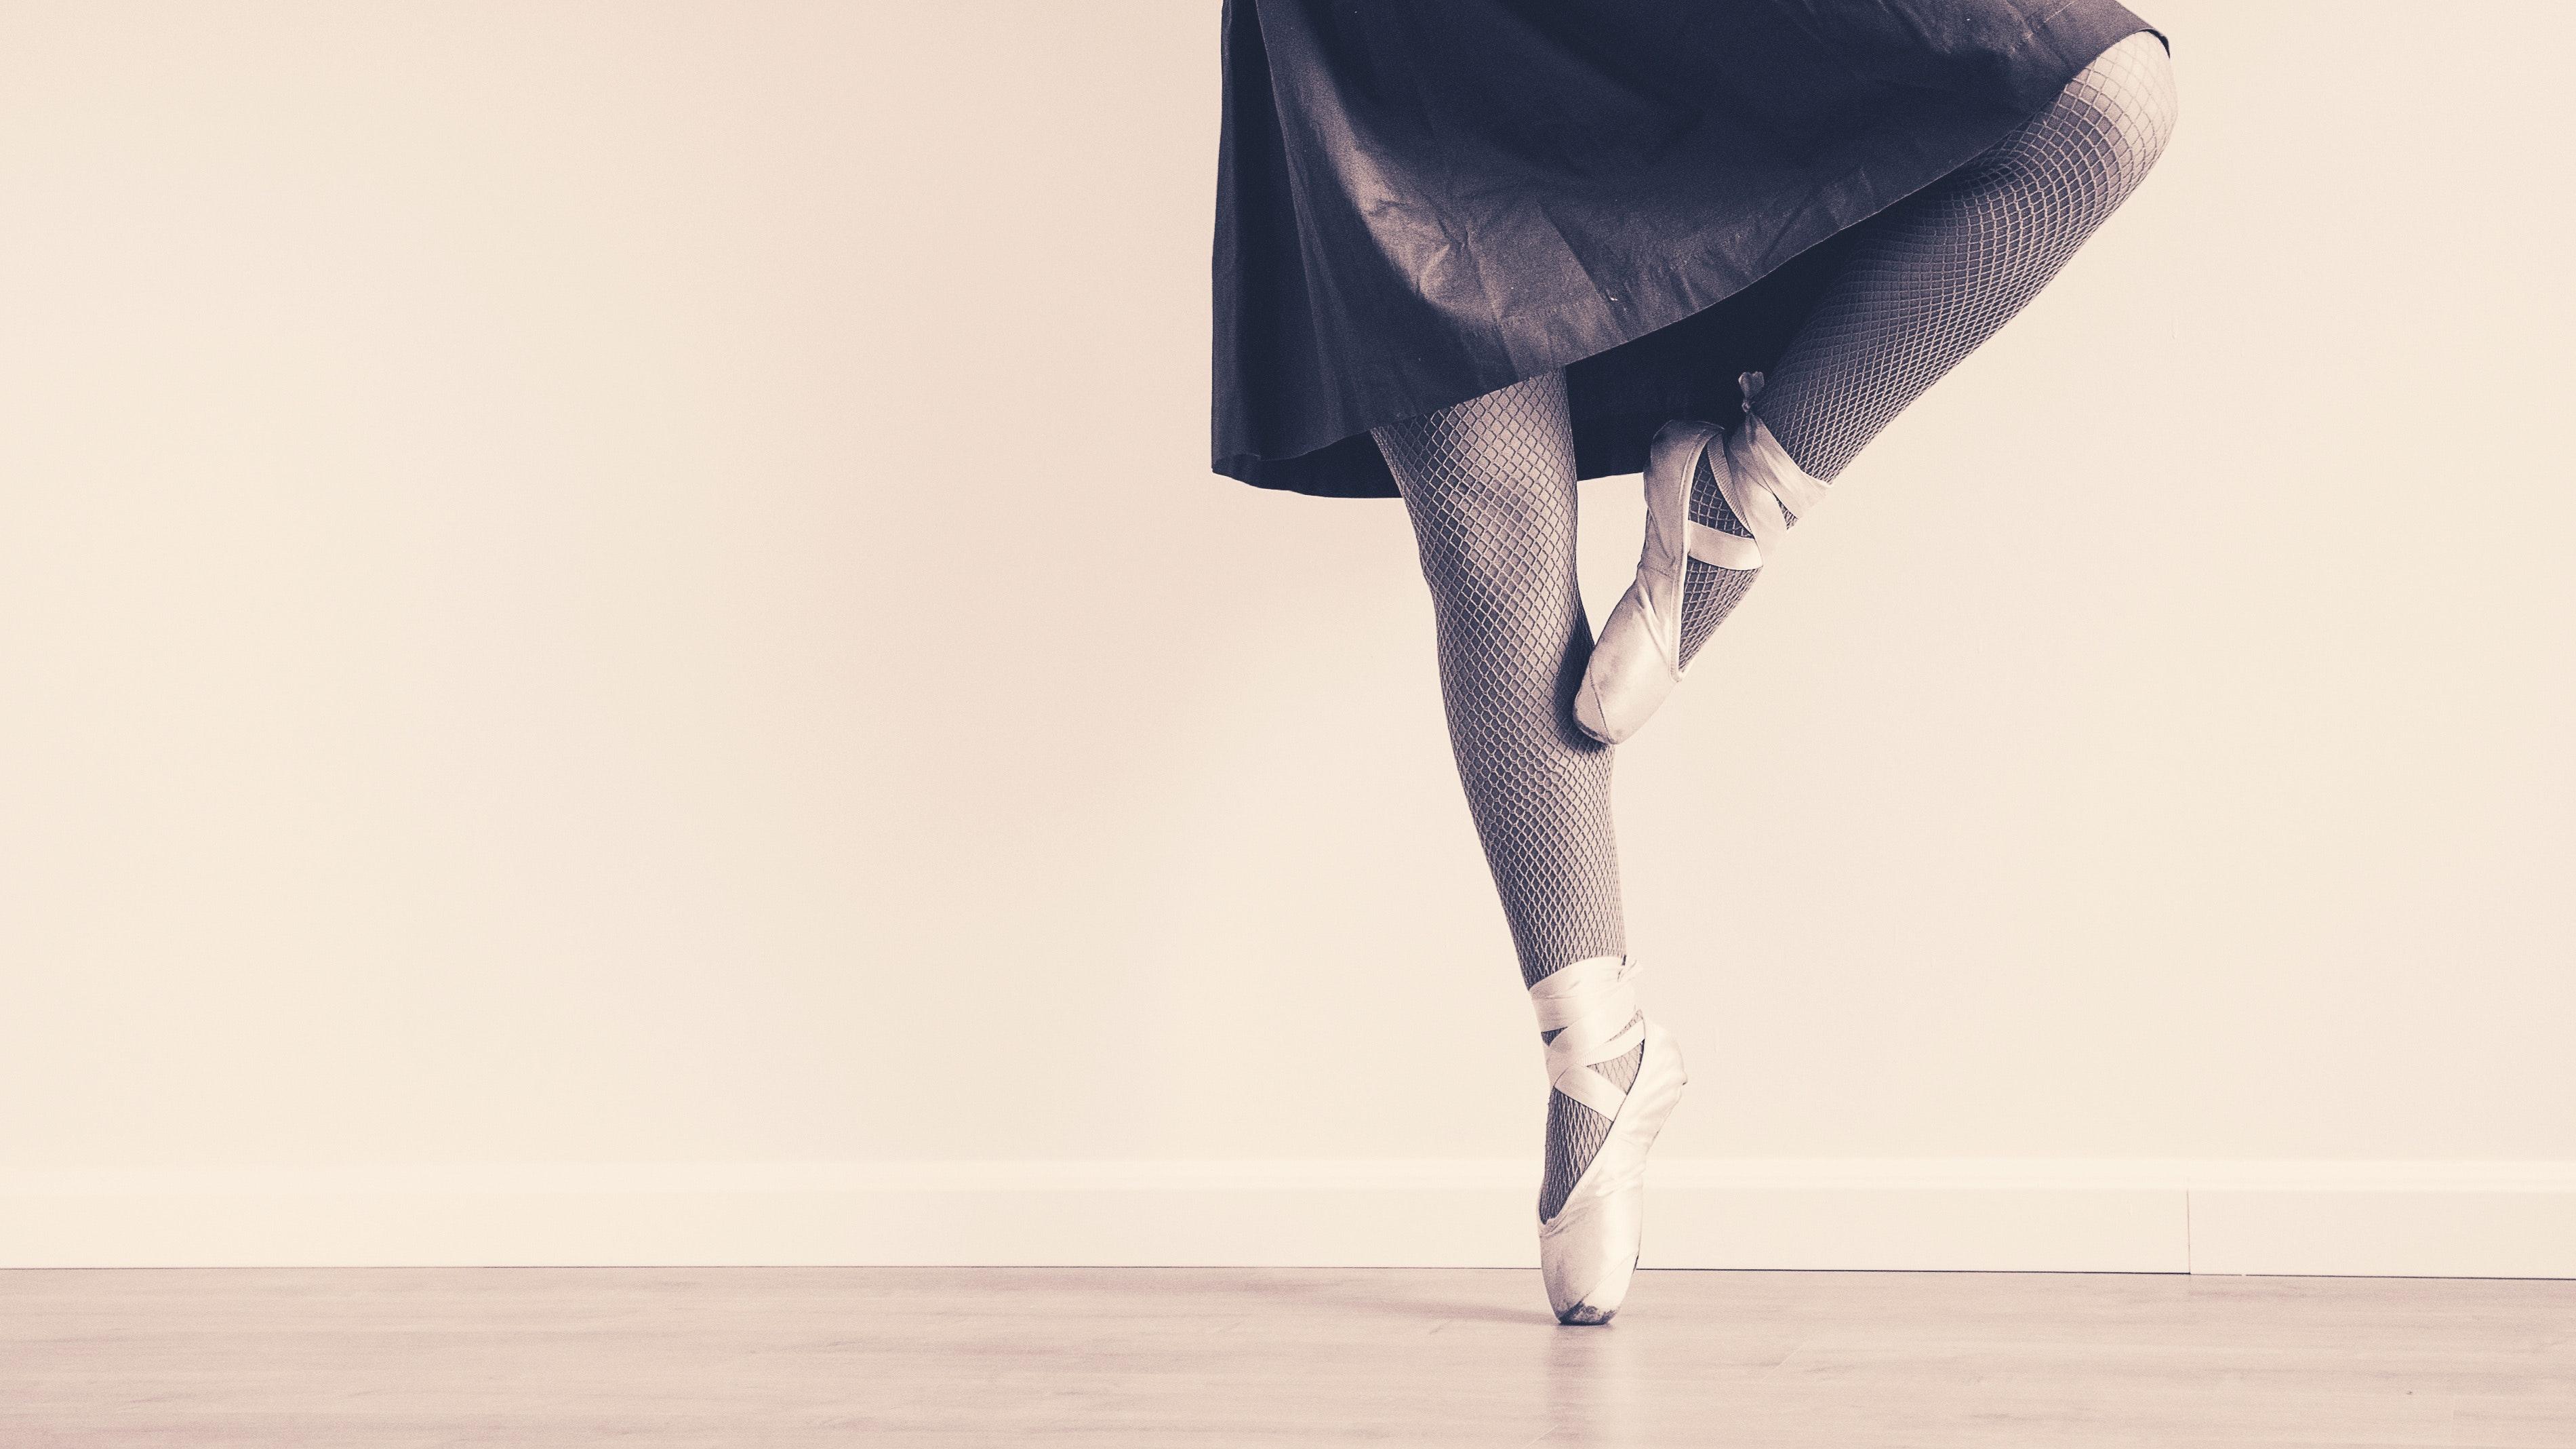 ballet-ballet-dancer-black-and-white-163379.jpg